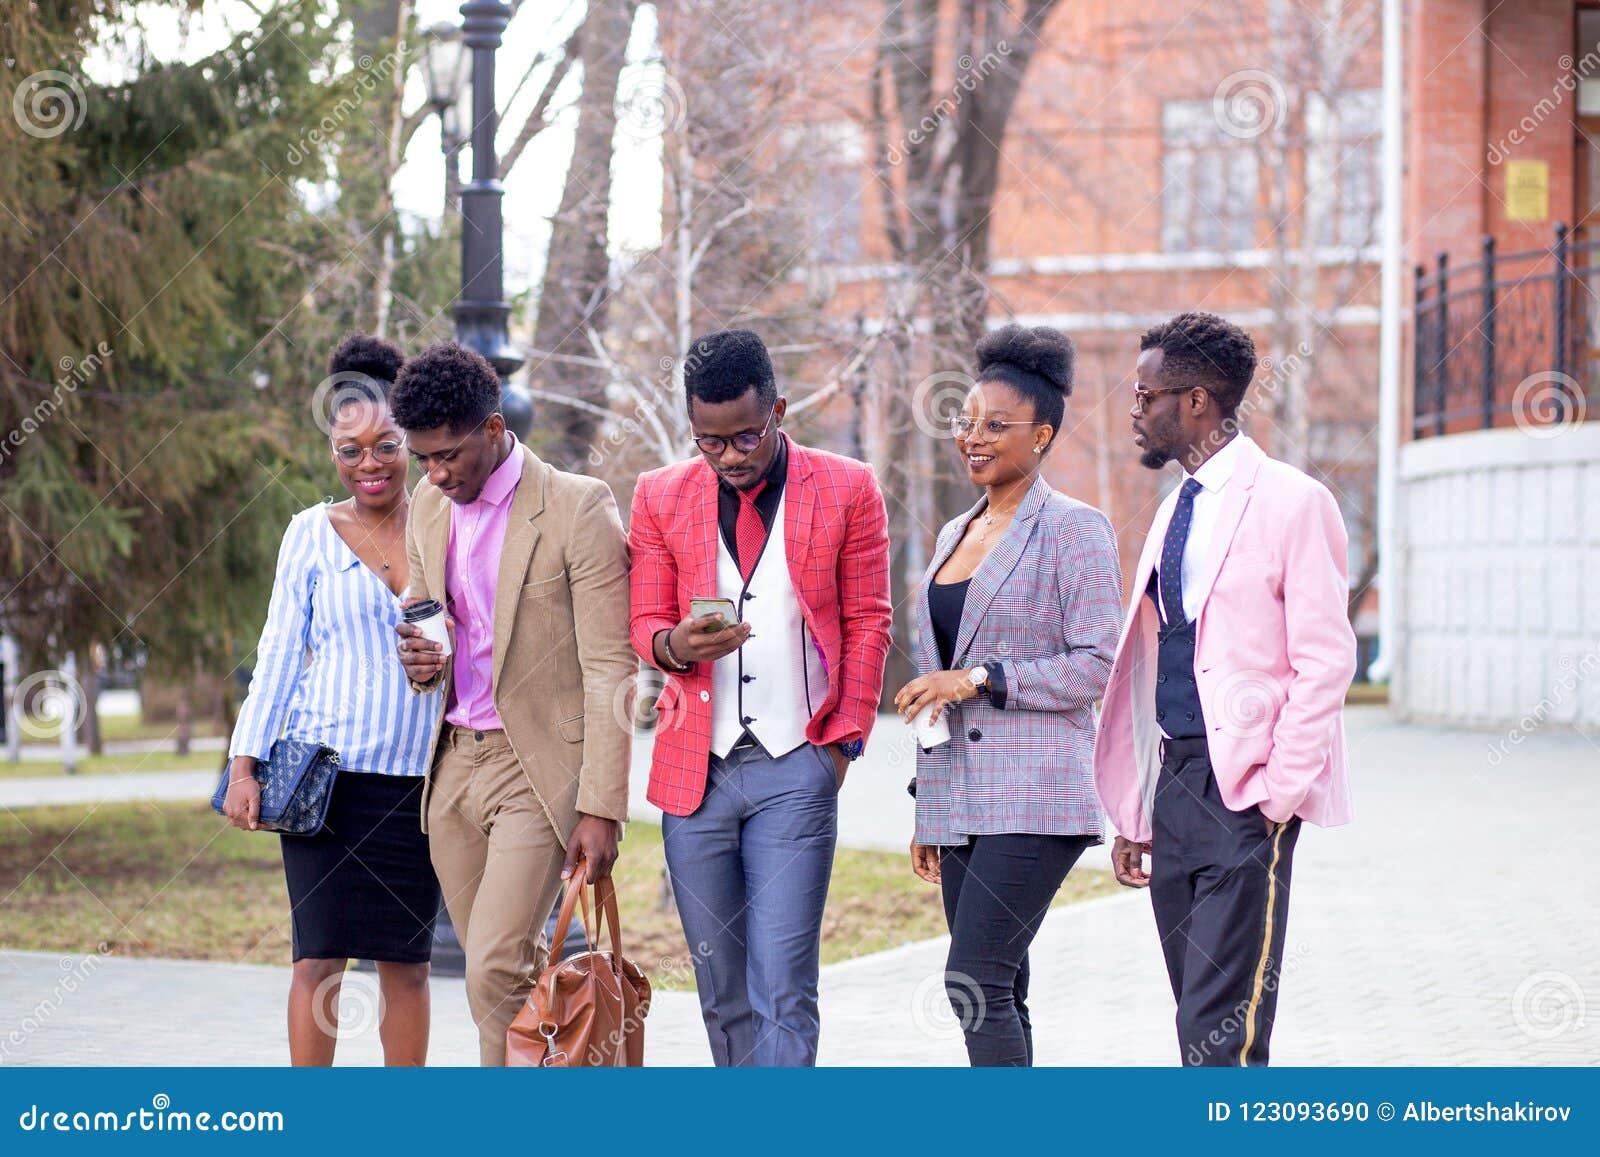 Ελεύθερος χρόνος και εφηβική έννοια μια ομάδα ευτυχών φίλων strolling στην οδό